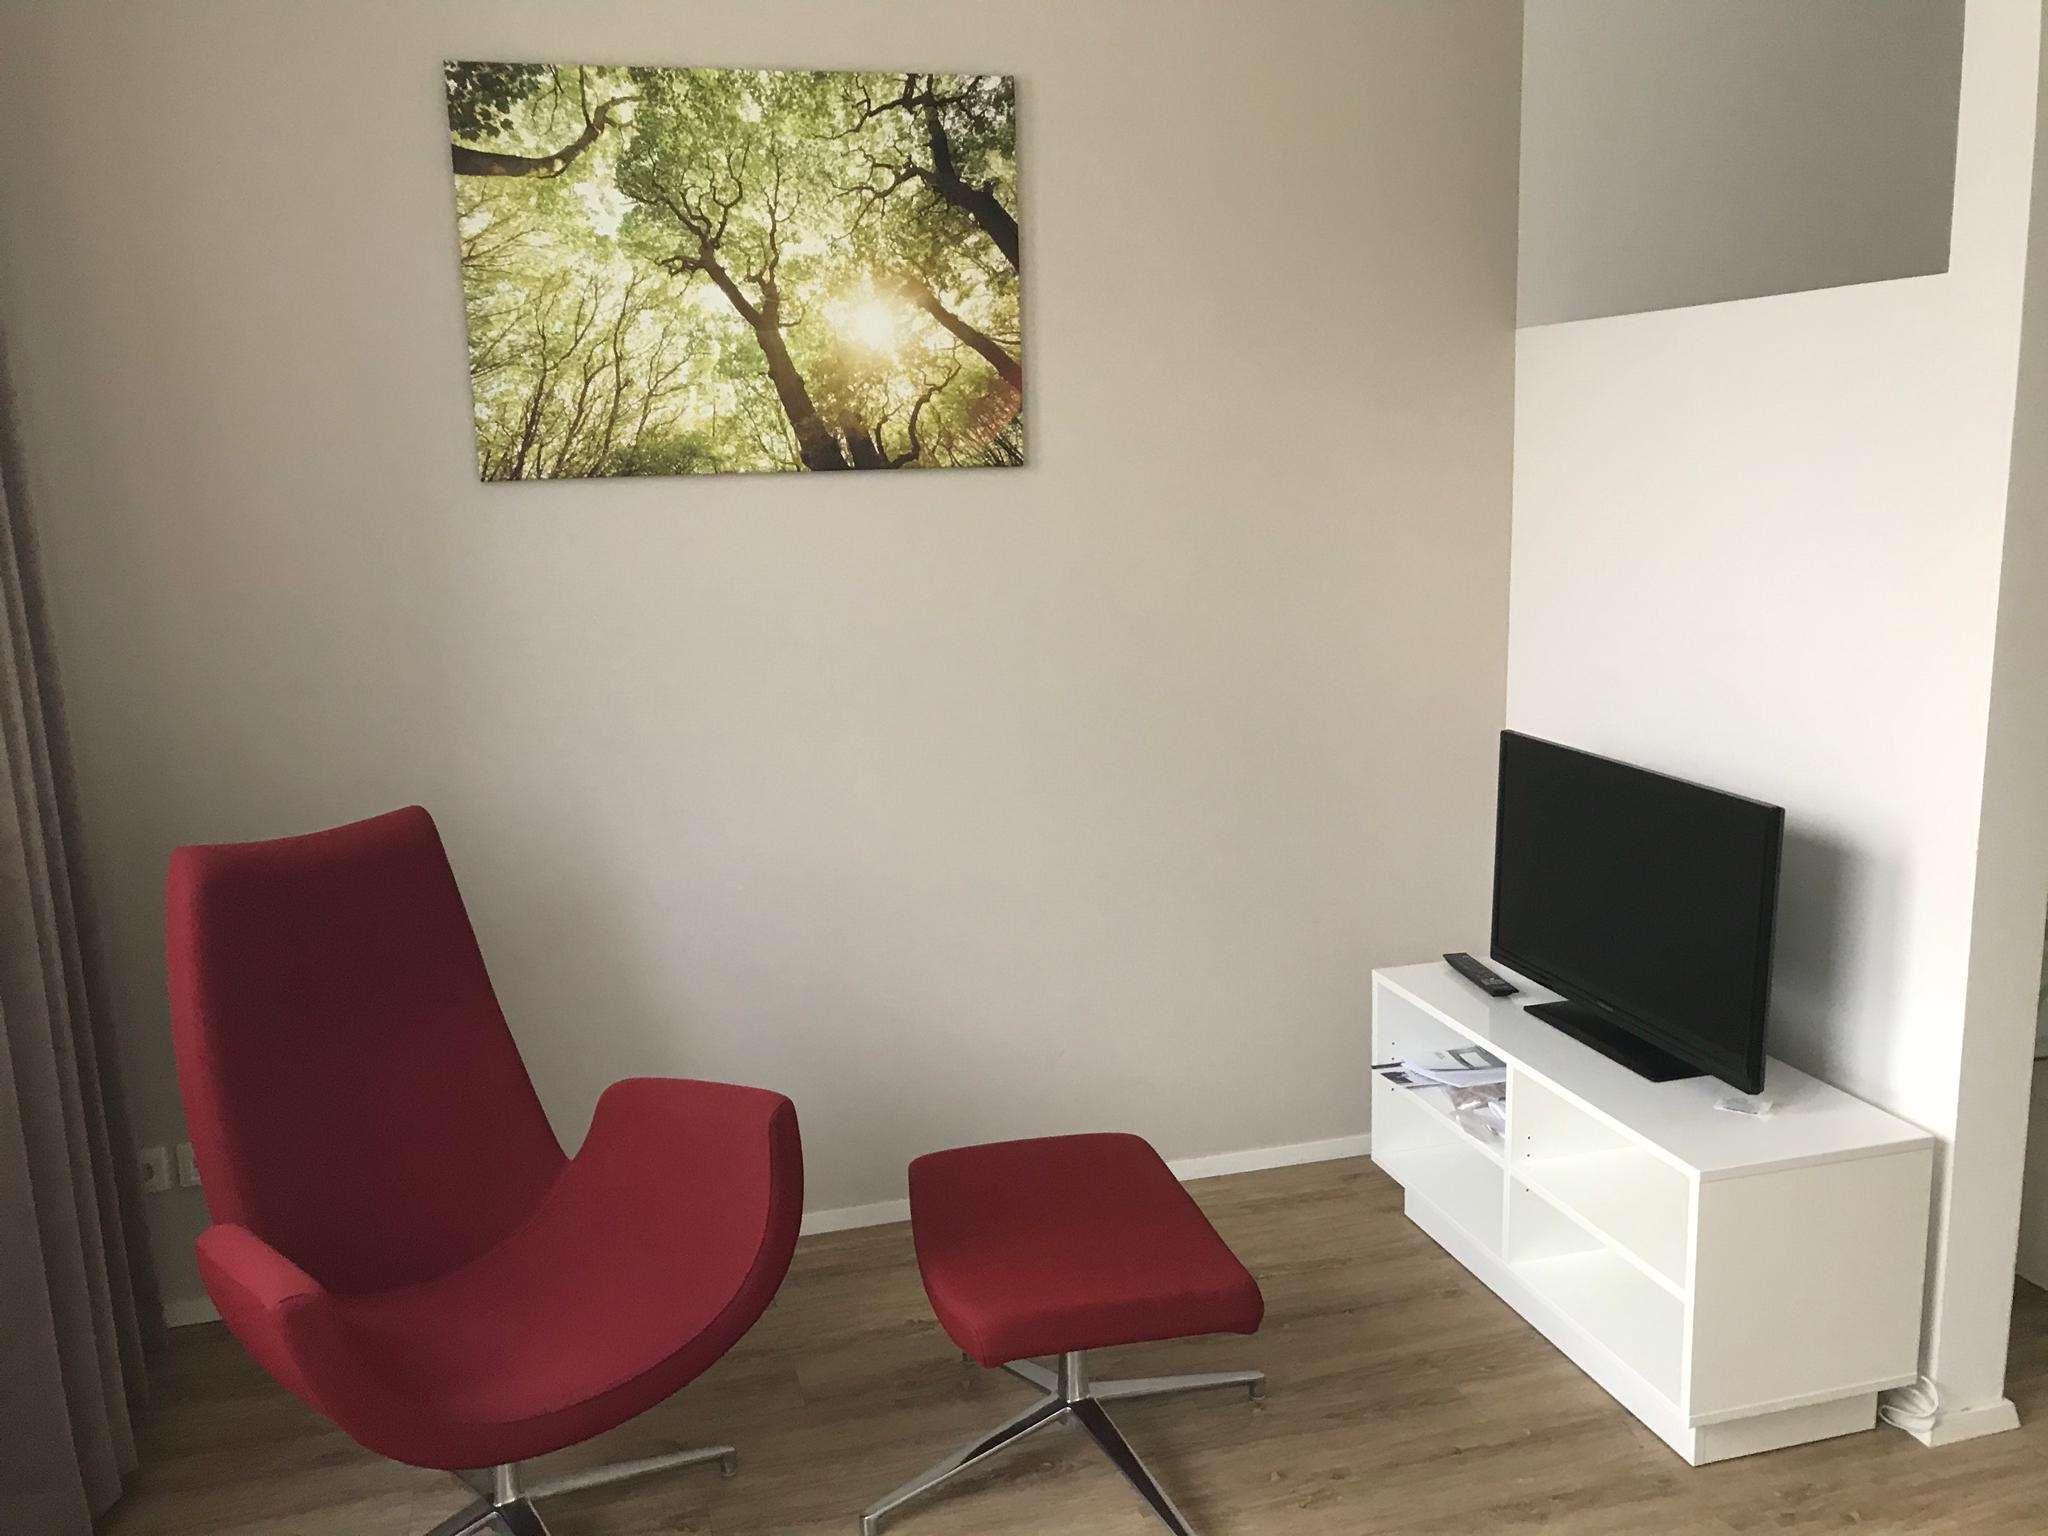 Exklusiv möbliertes 1 - Zimmer Apartment in der Innenstadt Nürnbergs in